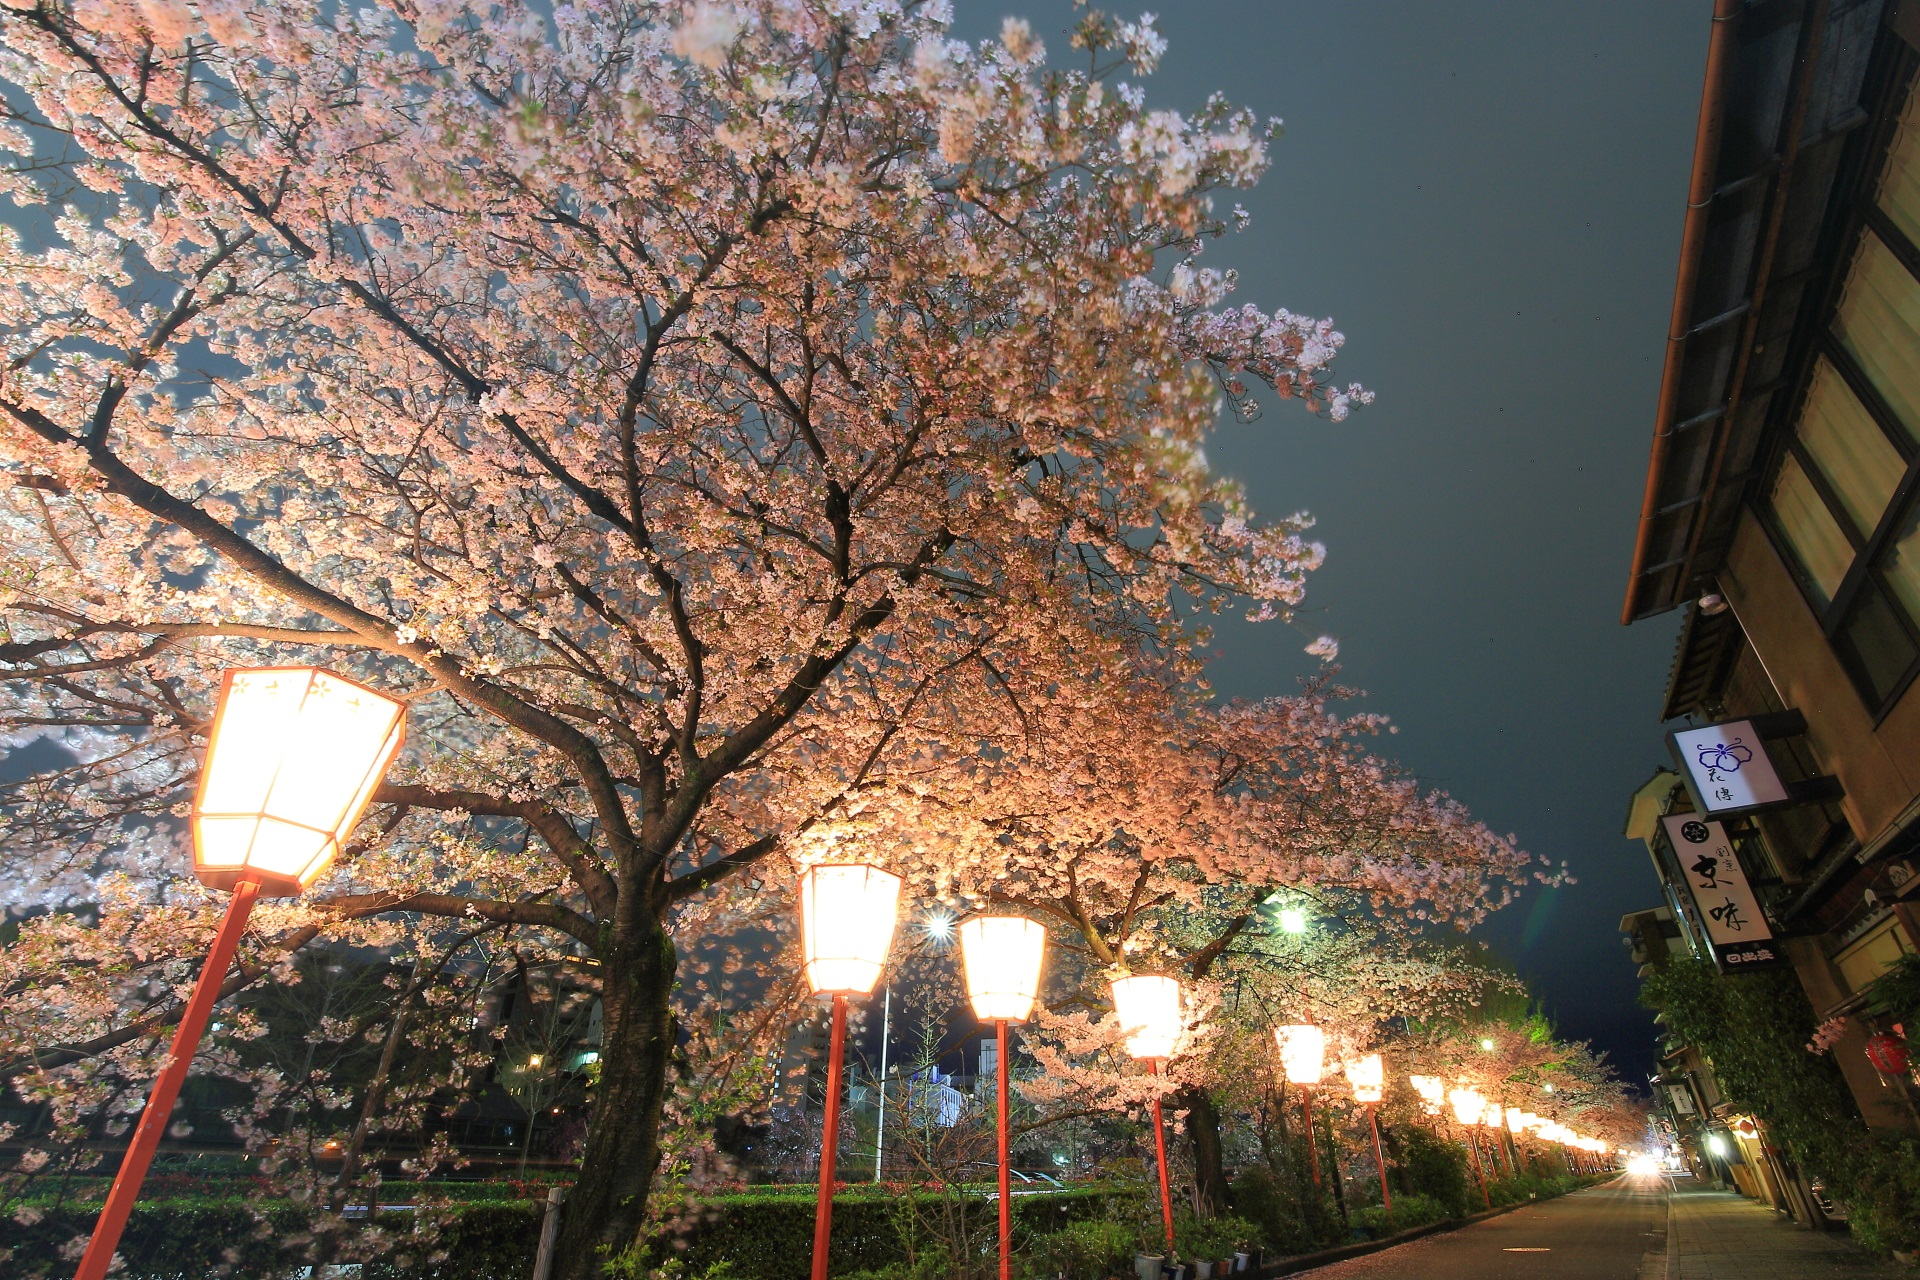 宮川町の素晴らしい夜桜の情景と風情ある街並み